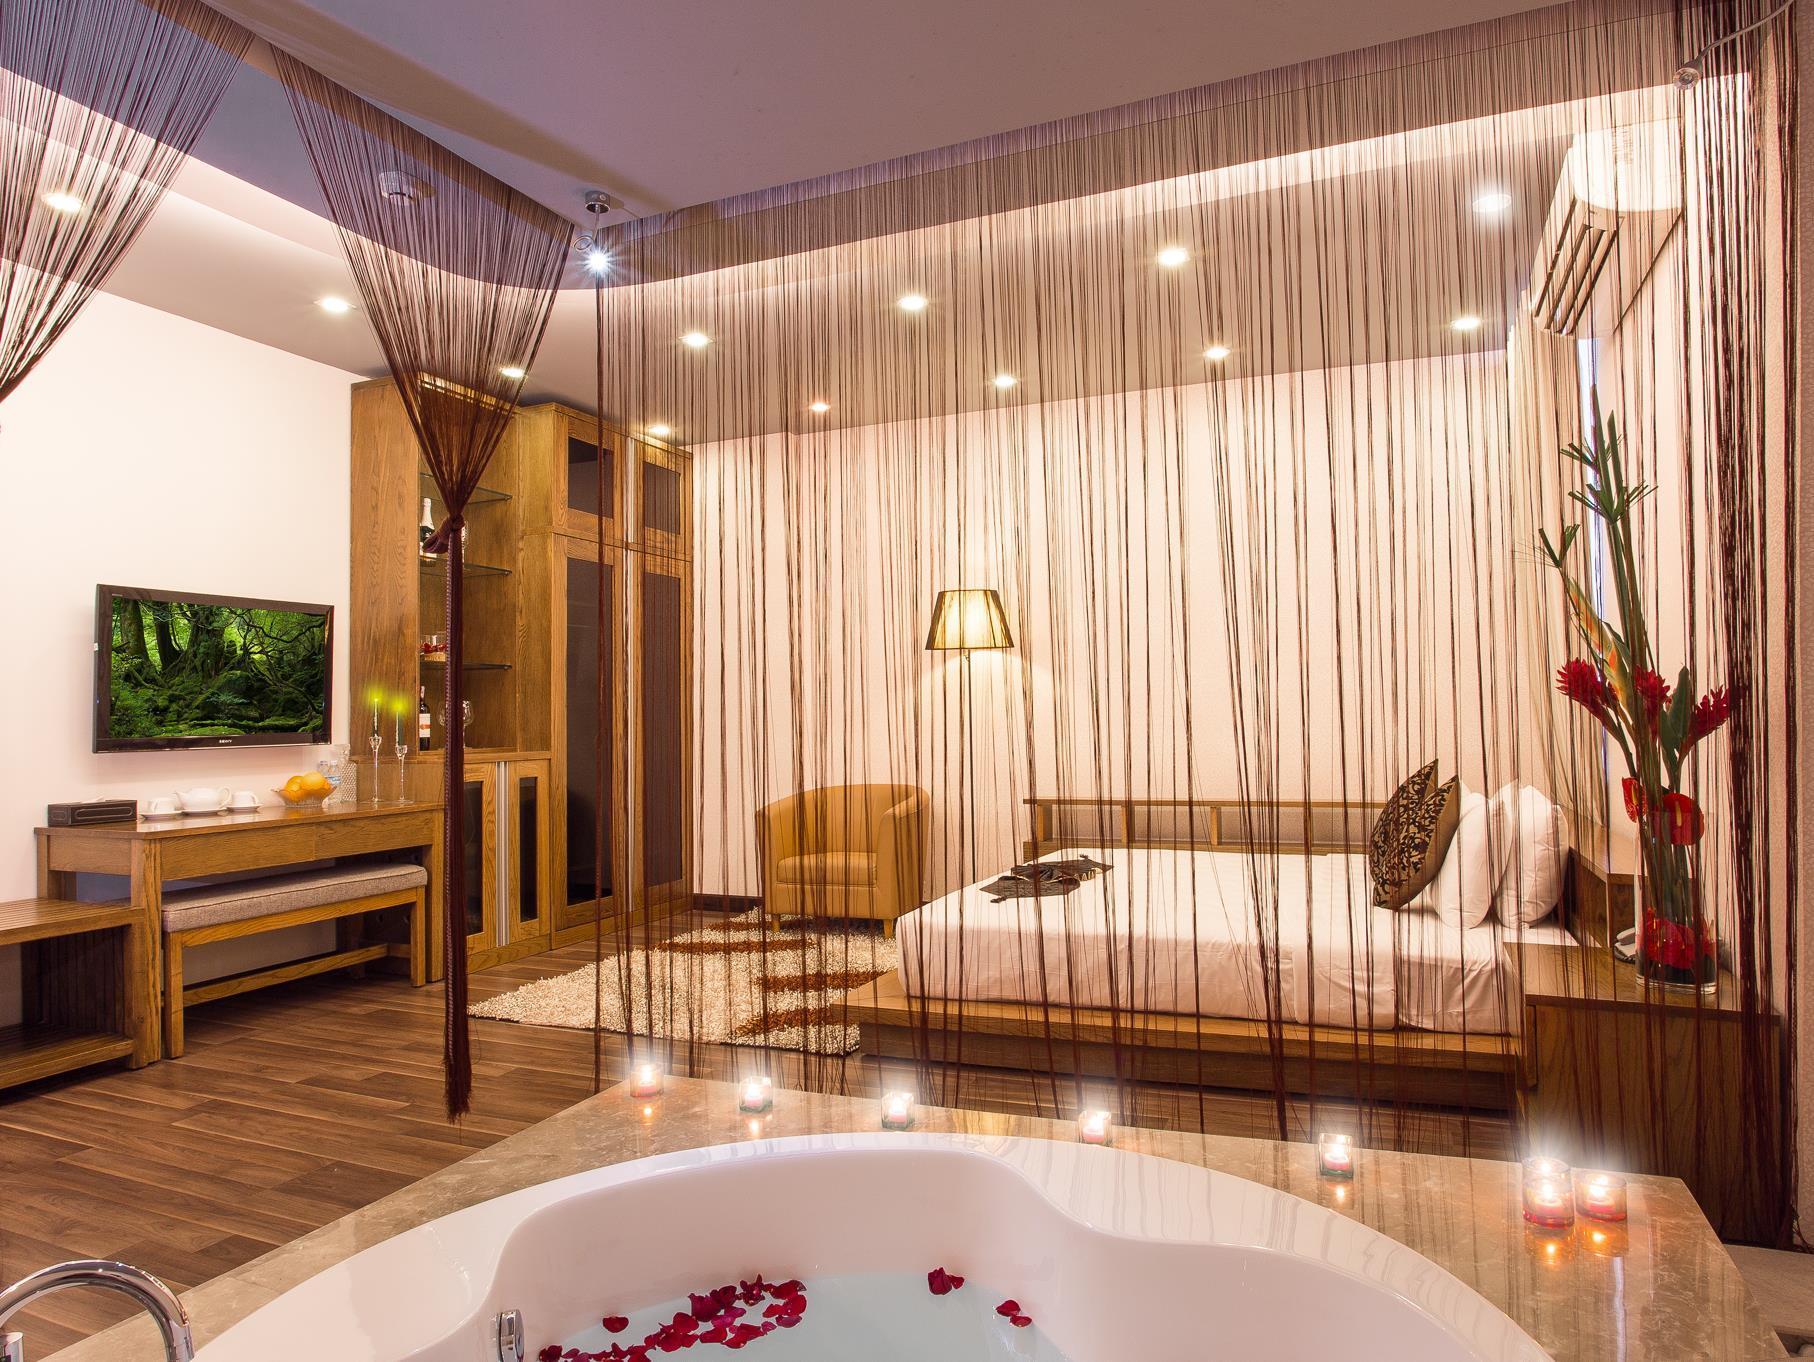 http://pix6.agoda.net/hotelImages/545/545783/545783_16022817100040306479.jpg